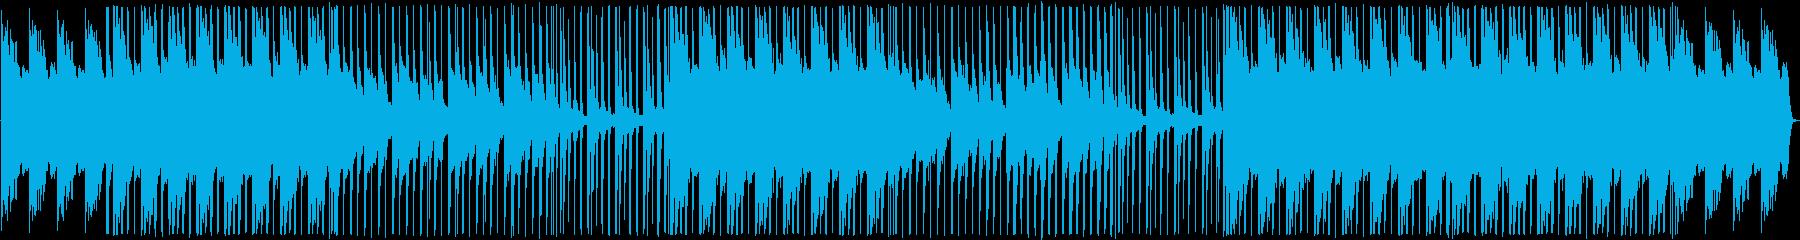 桜舞い散るような凛とした雰囲気のBGMの再生済みの波形